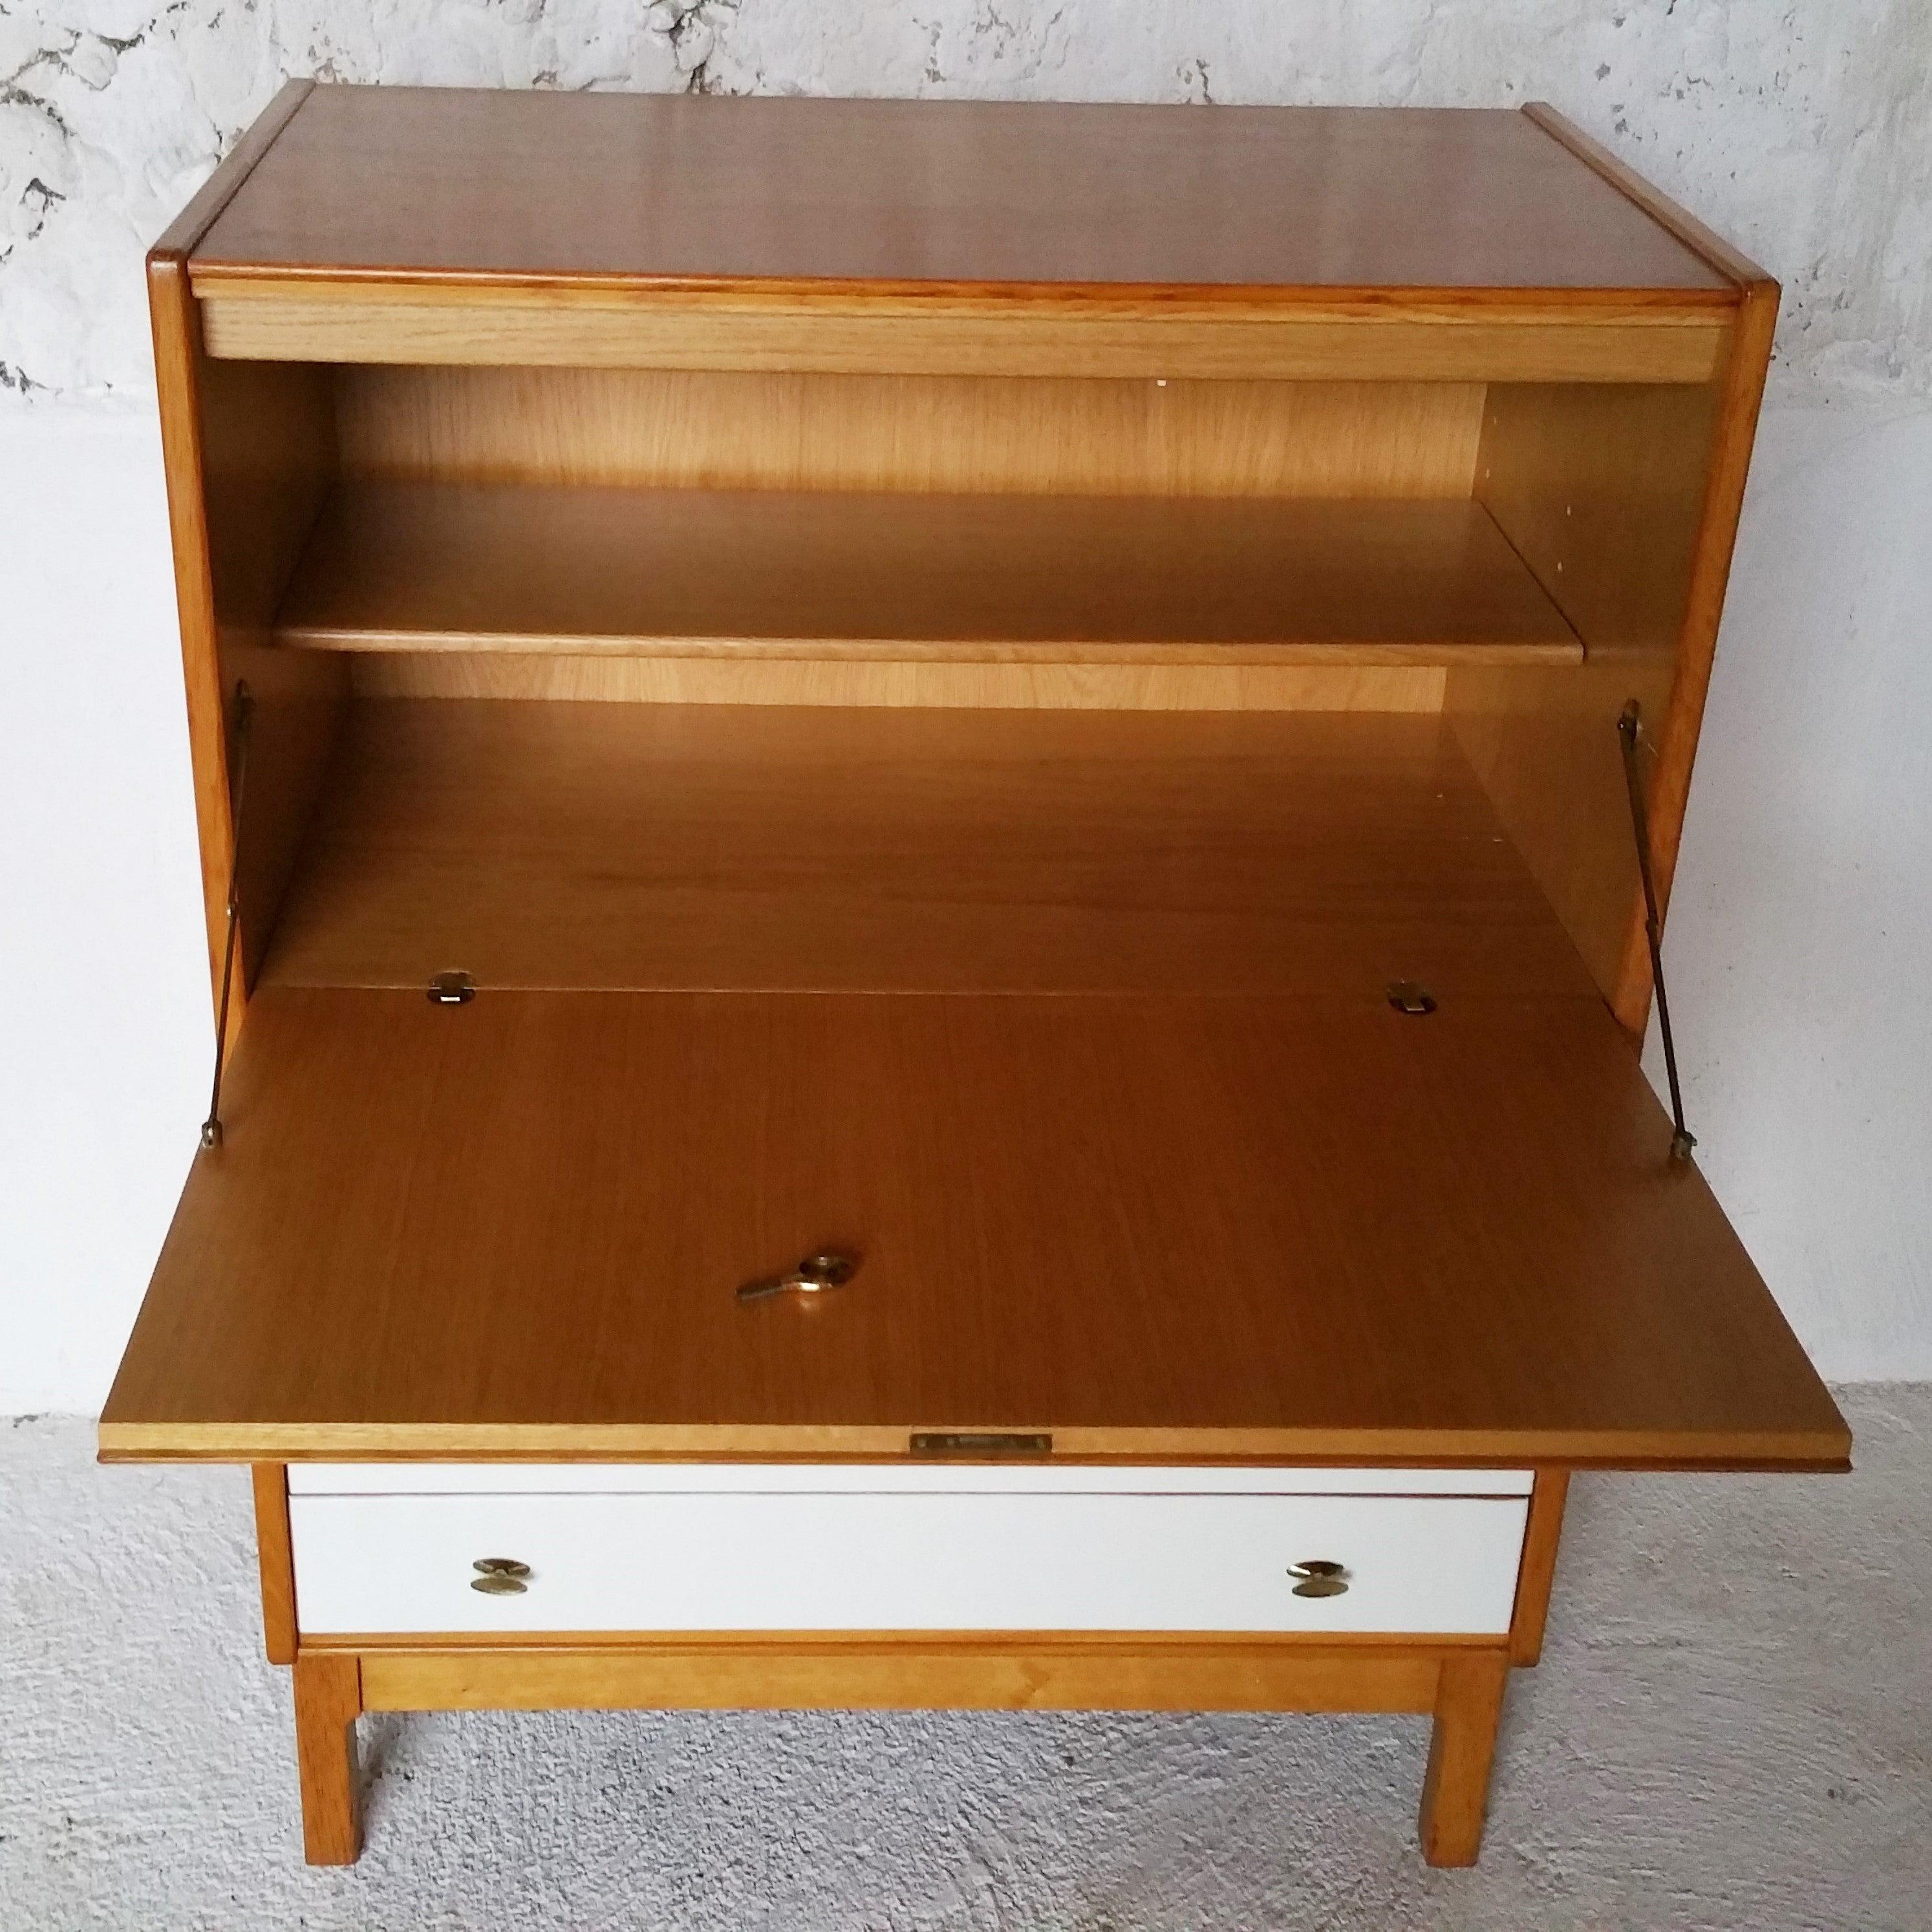 Petit secrétaire vintage en bois massif fibresendeco vannerie artisanale& mobilier vintage